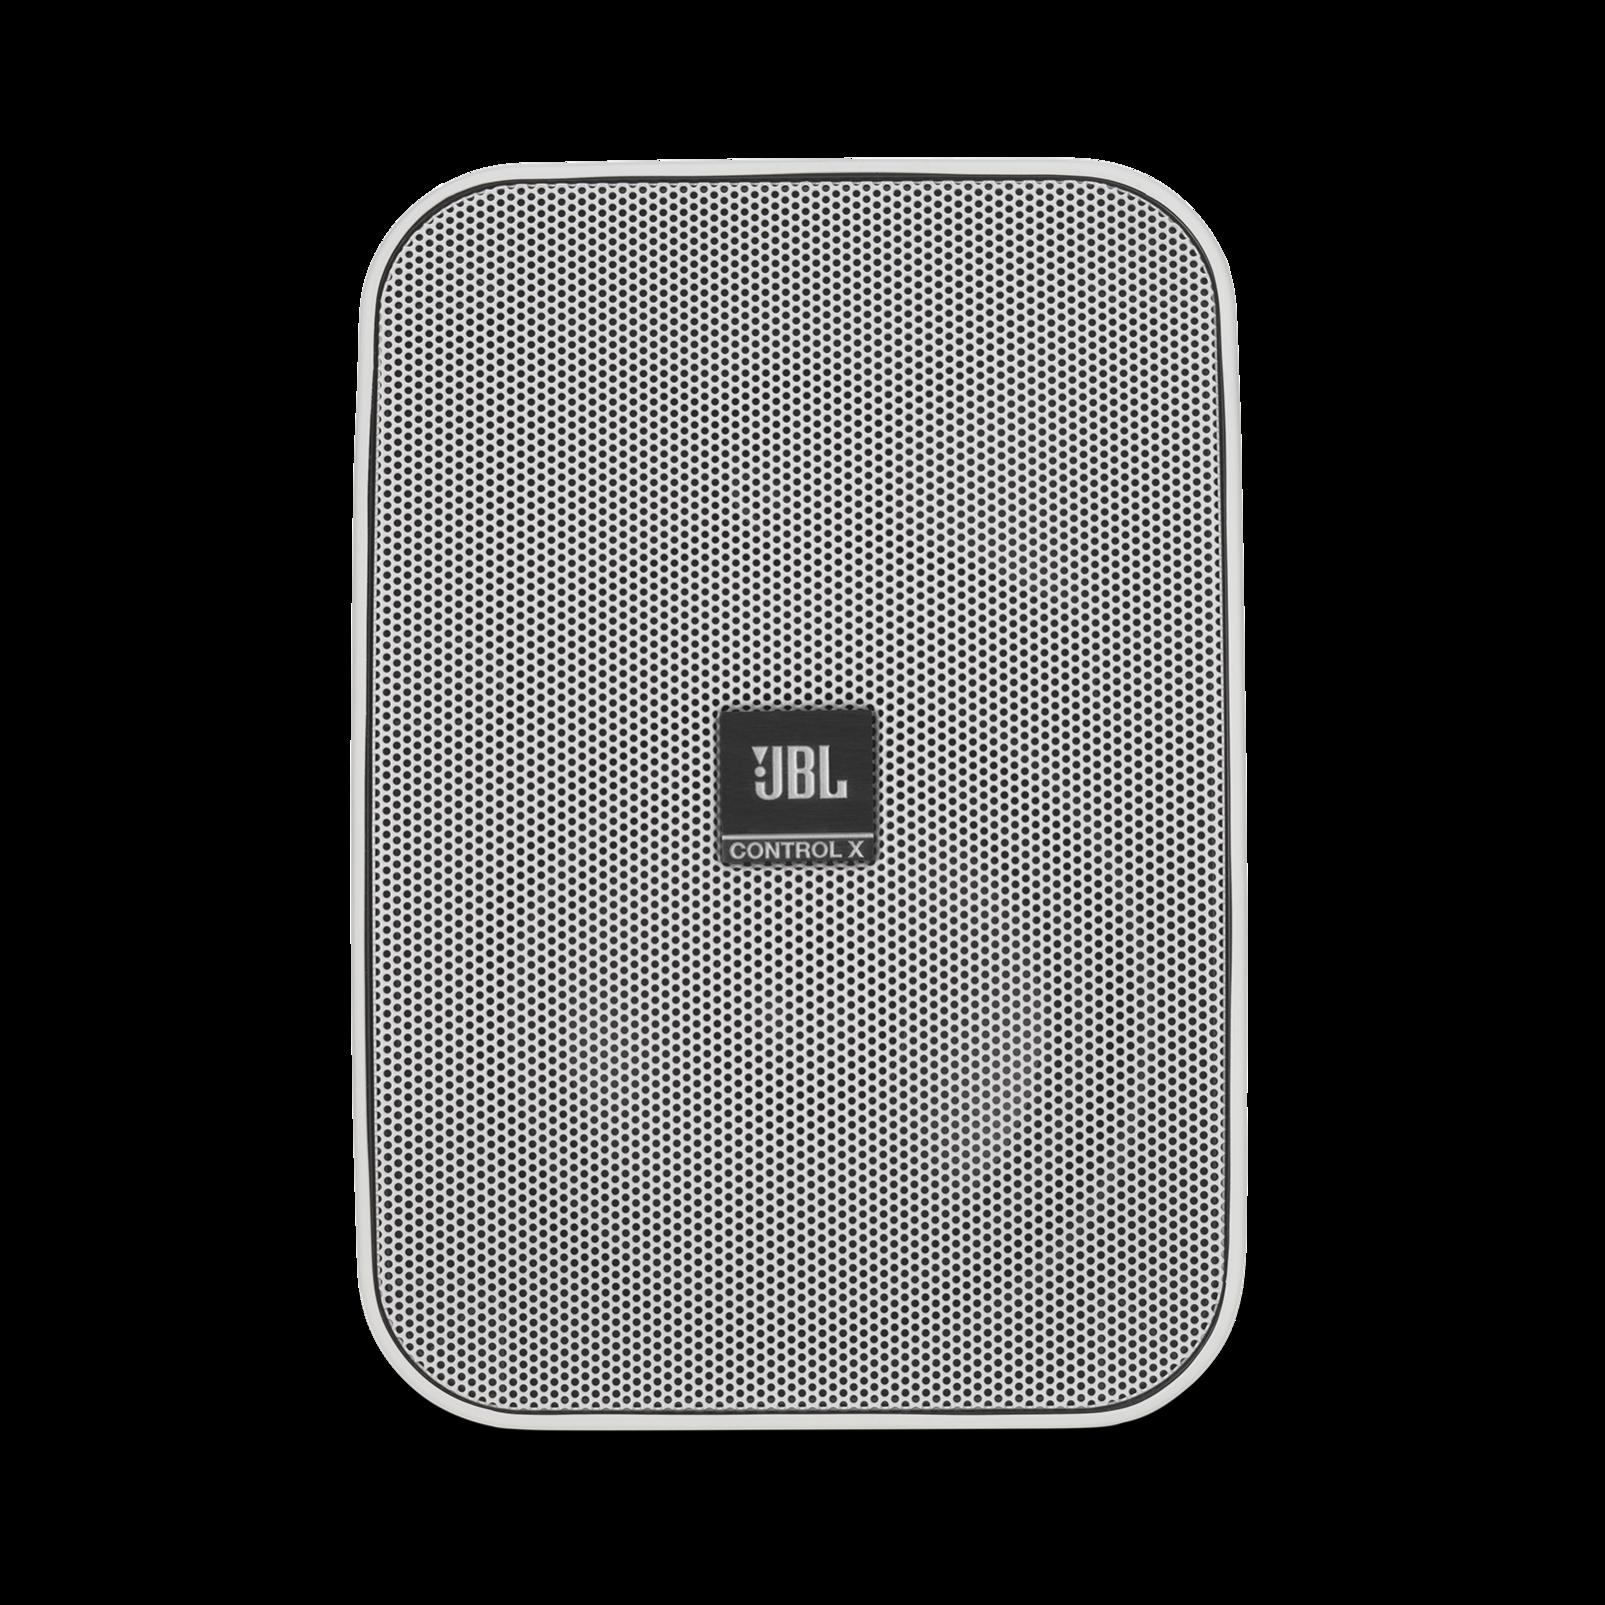 """JBL Control X - White - 5.25"""" (133mm) Indoor / Outdoor Speakers - Front"""